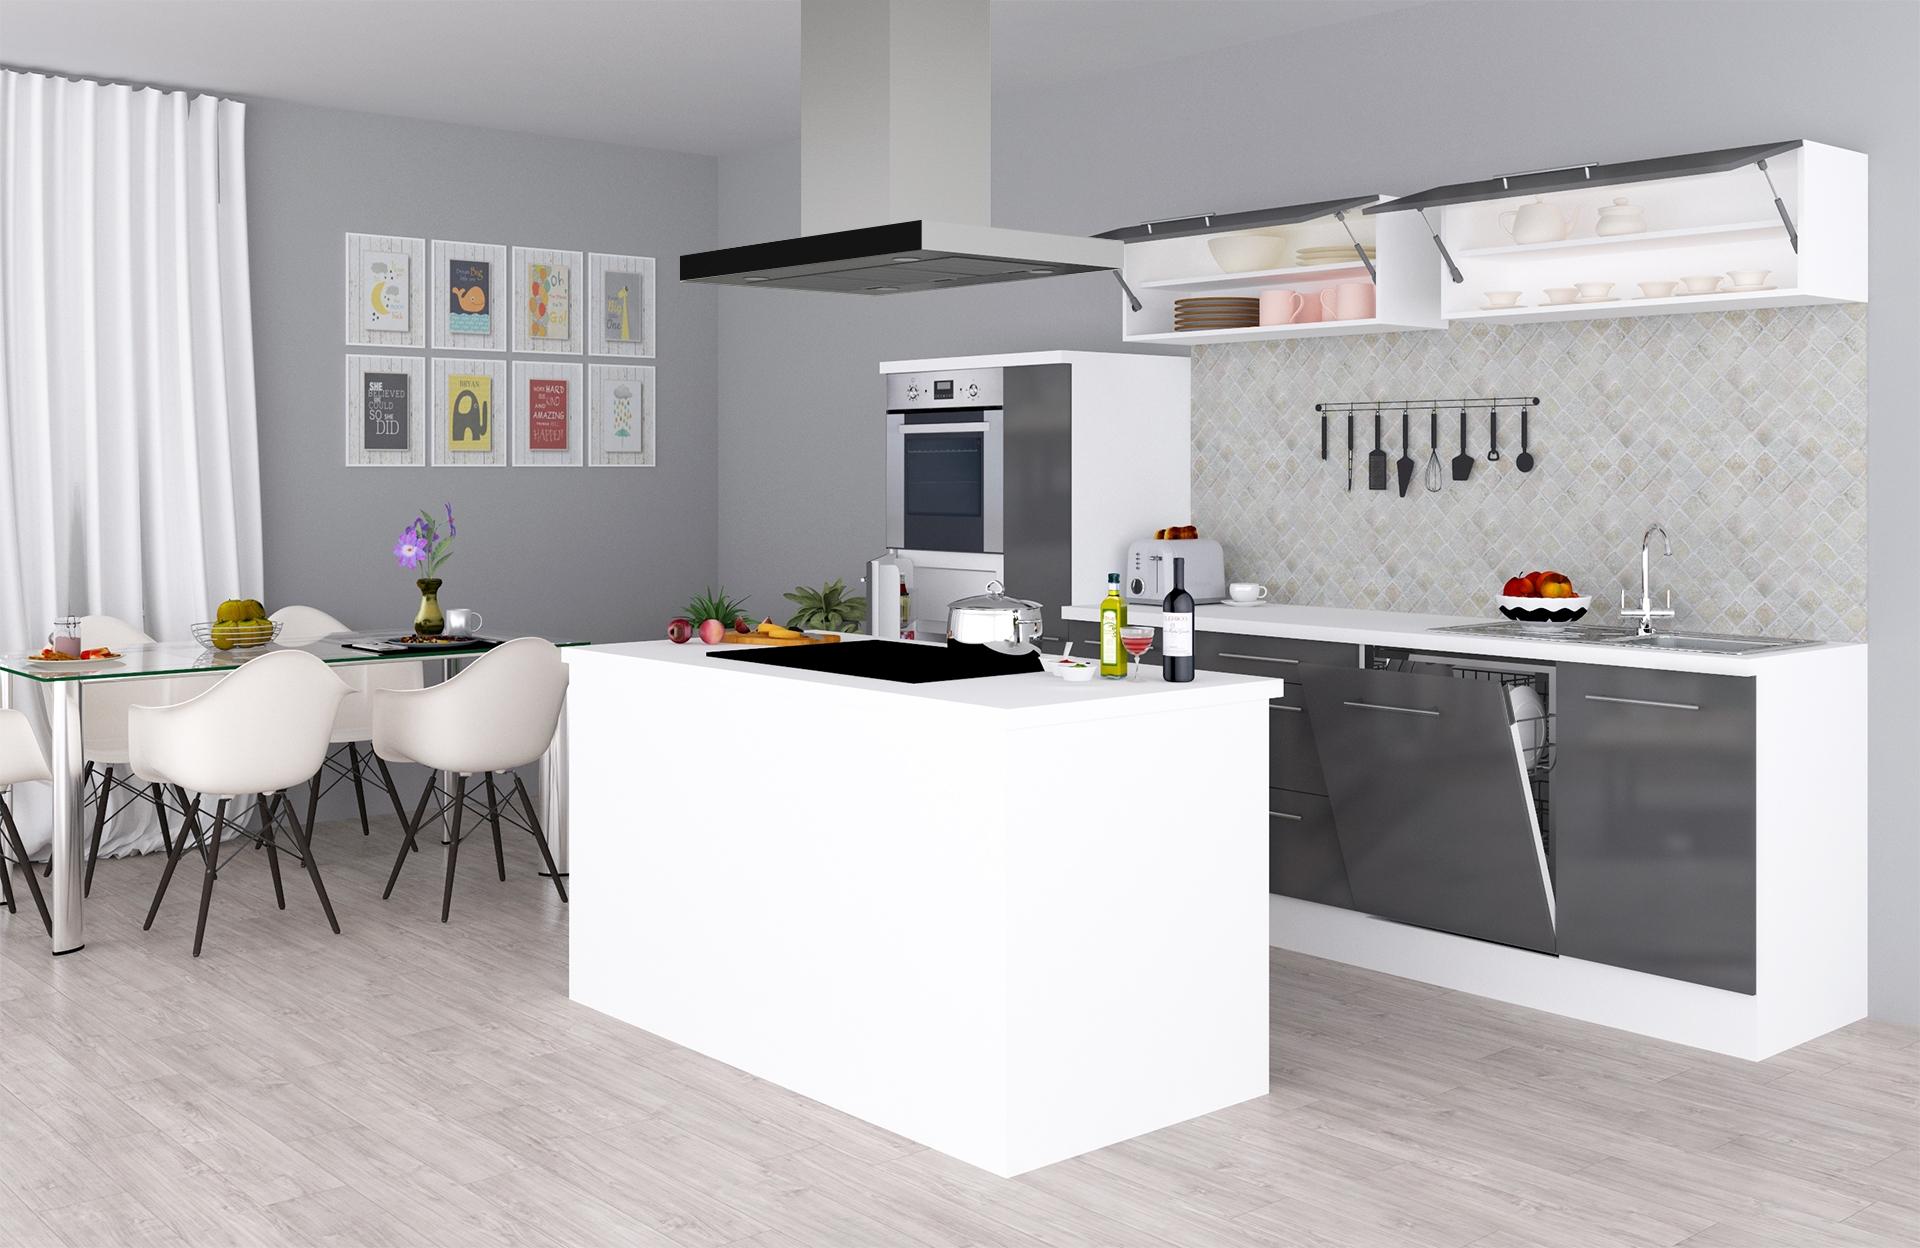 respekta Küchenzeile Inselküche Küche Hochglanz Küchenblock 310 cm weiß grau